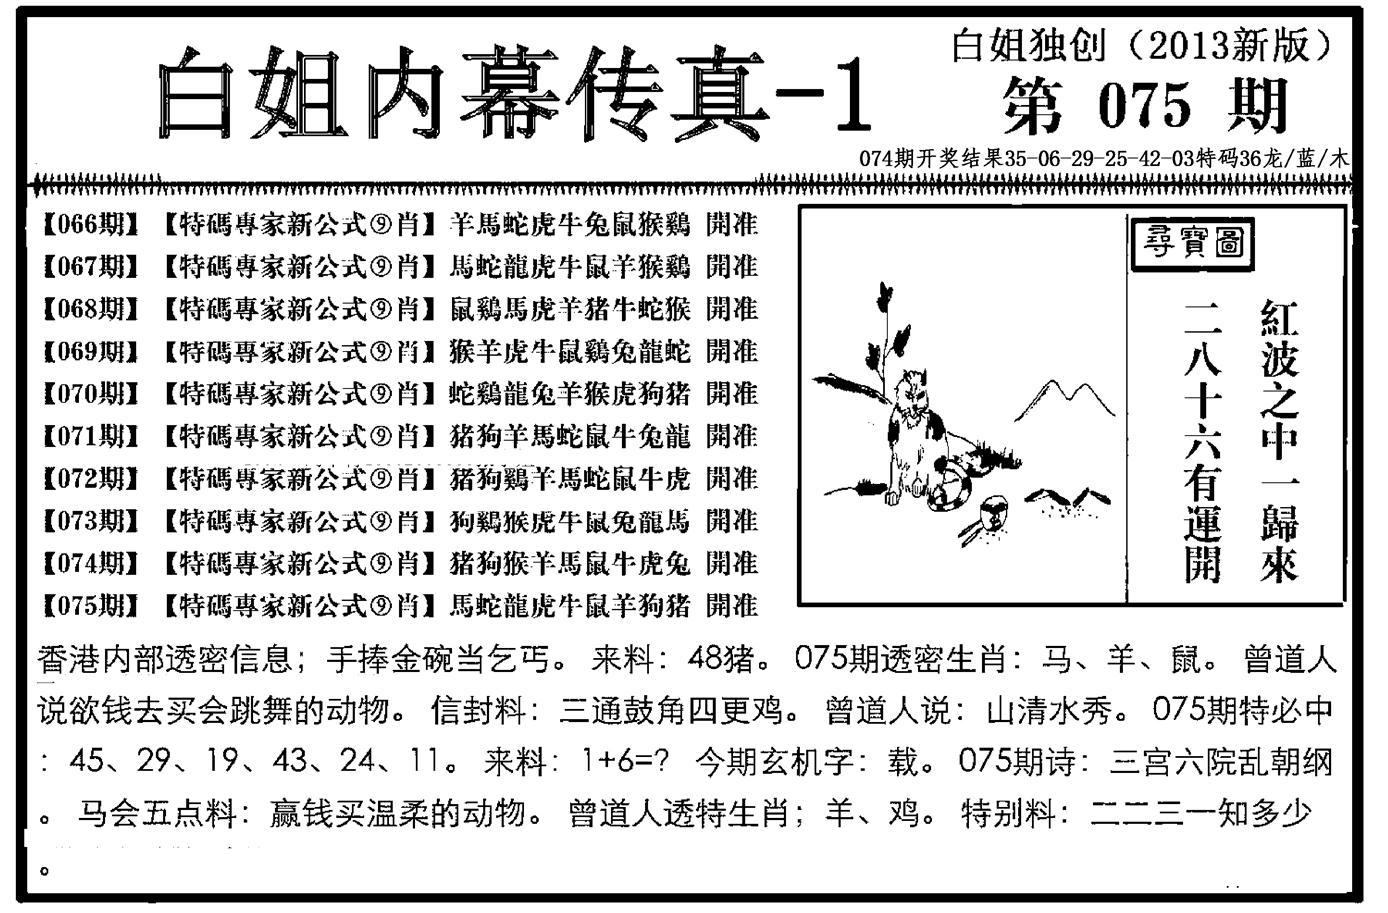 075期白姐内幕传真-1(黑白)